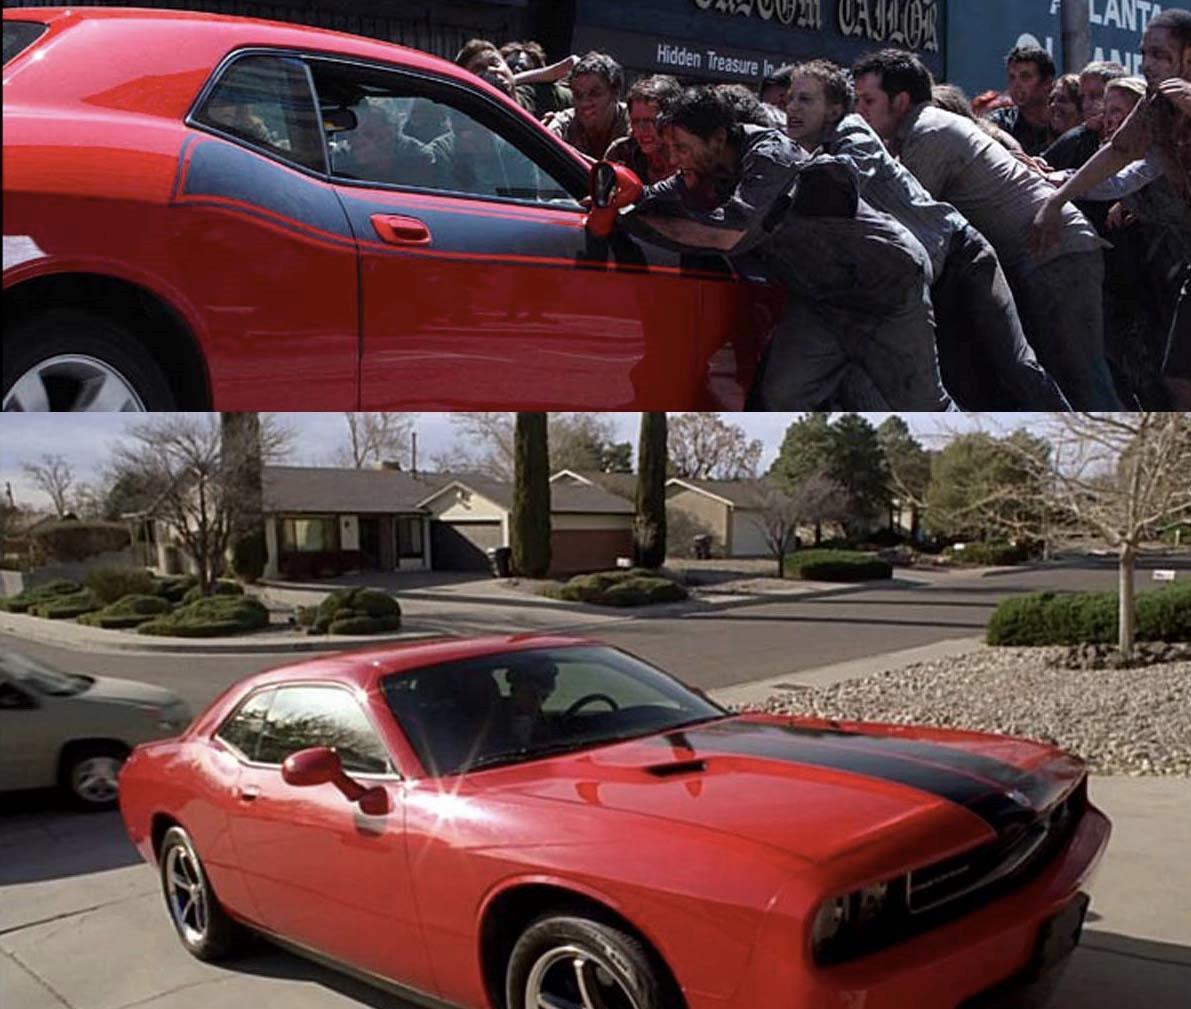 Sarà la stessa macchina in The Walking Dead e Breaking Bad?